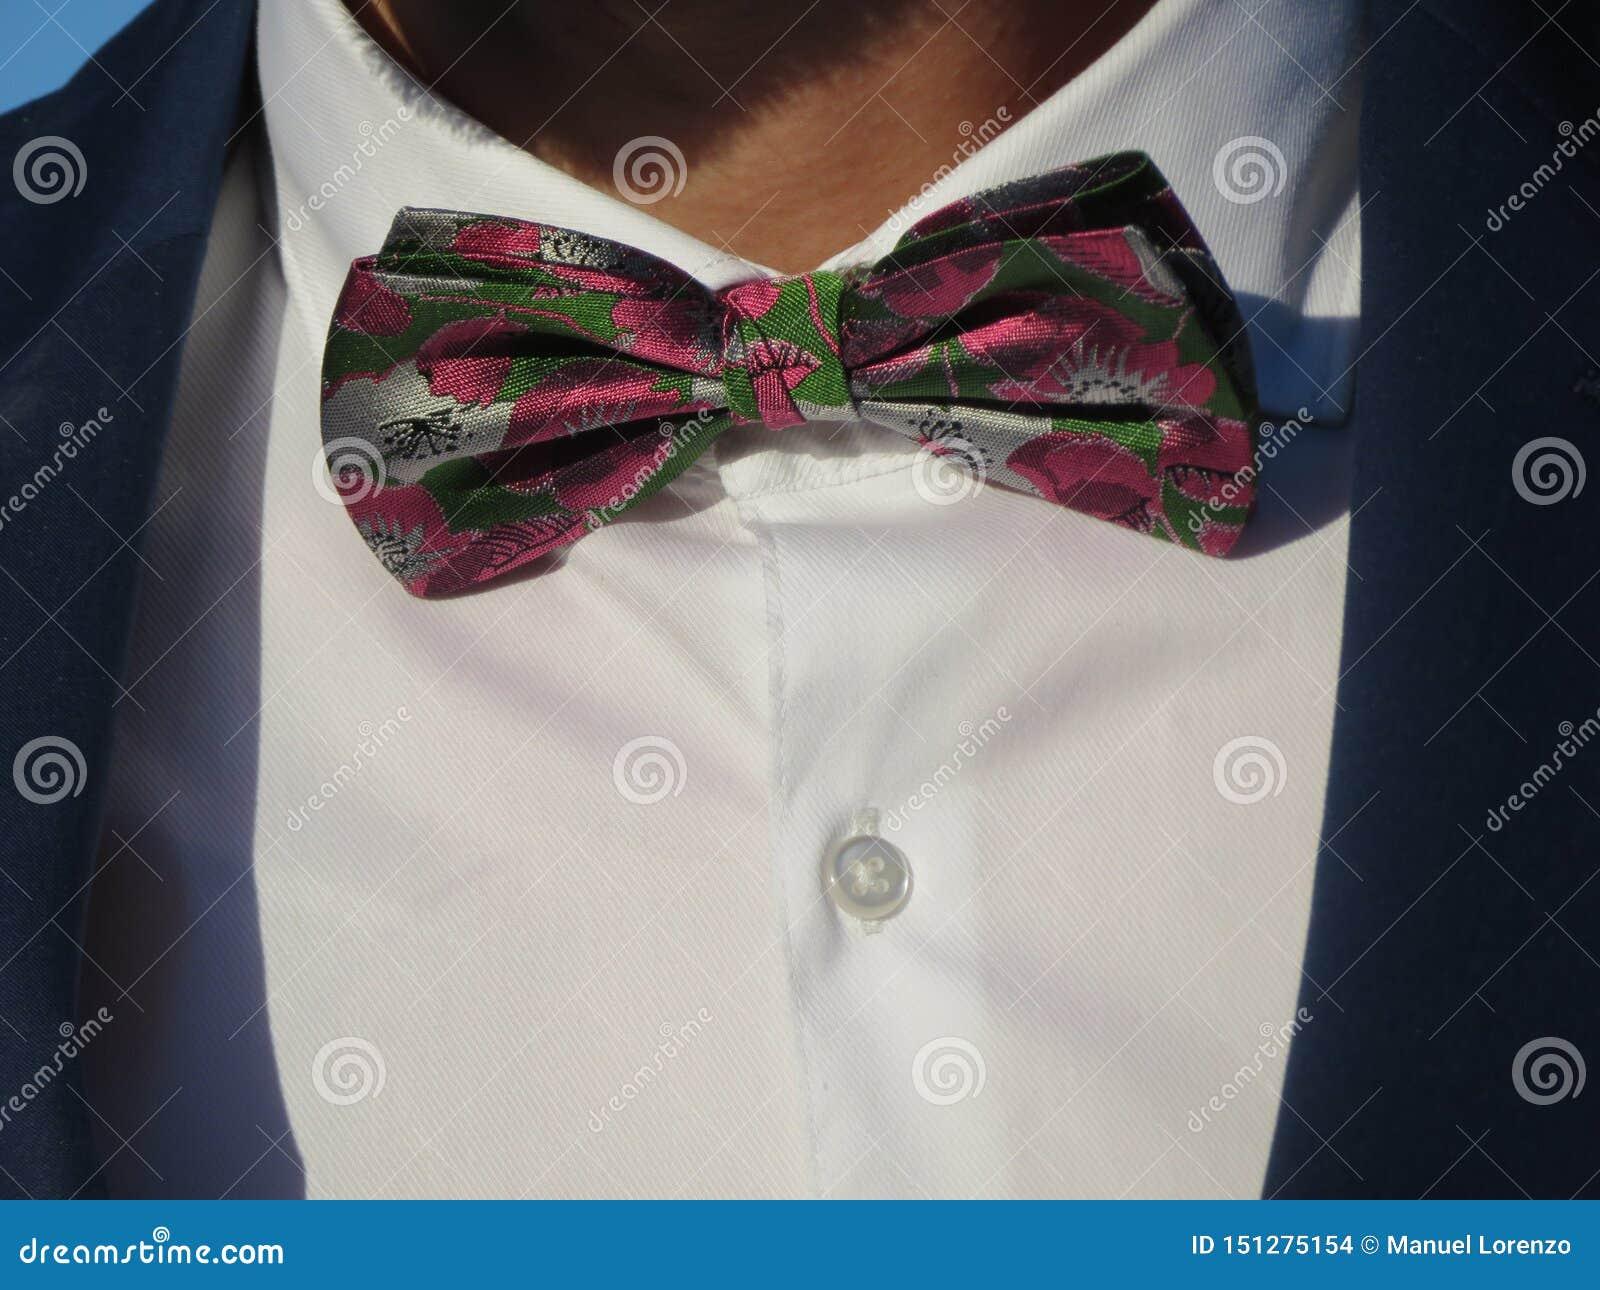 Corbata de lazo de un caballero de colores intensos y muy discreto hermosos